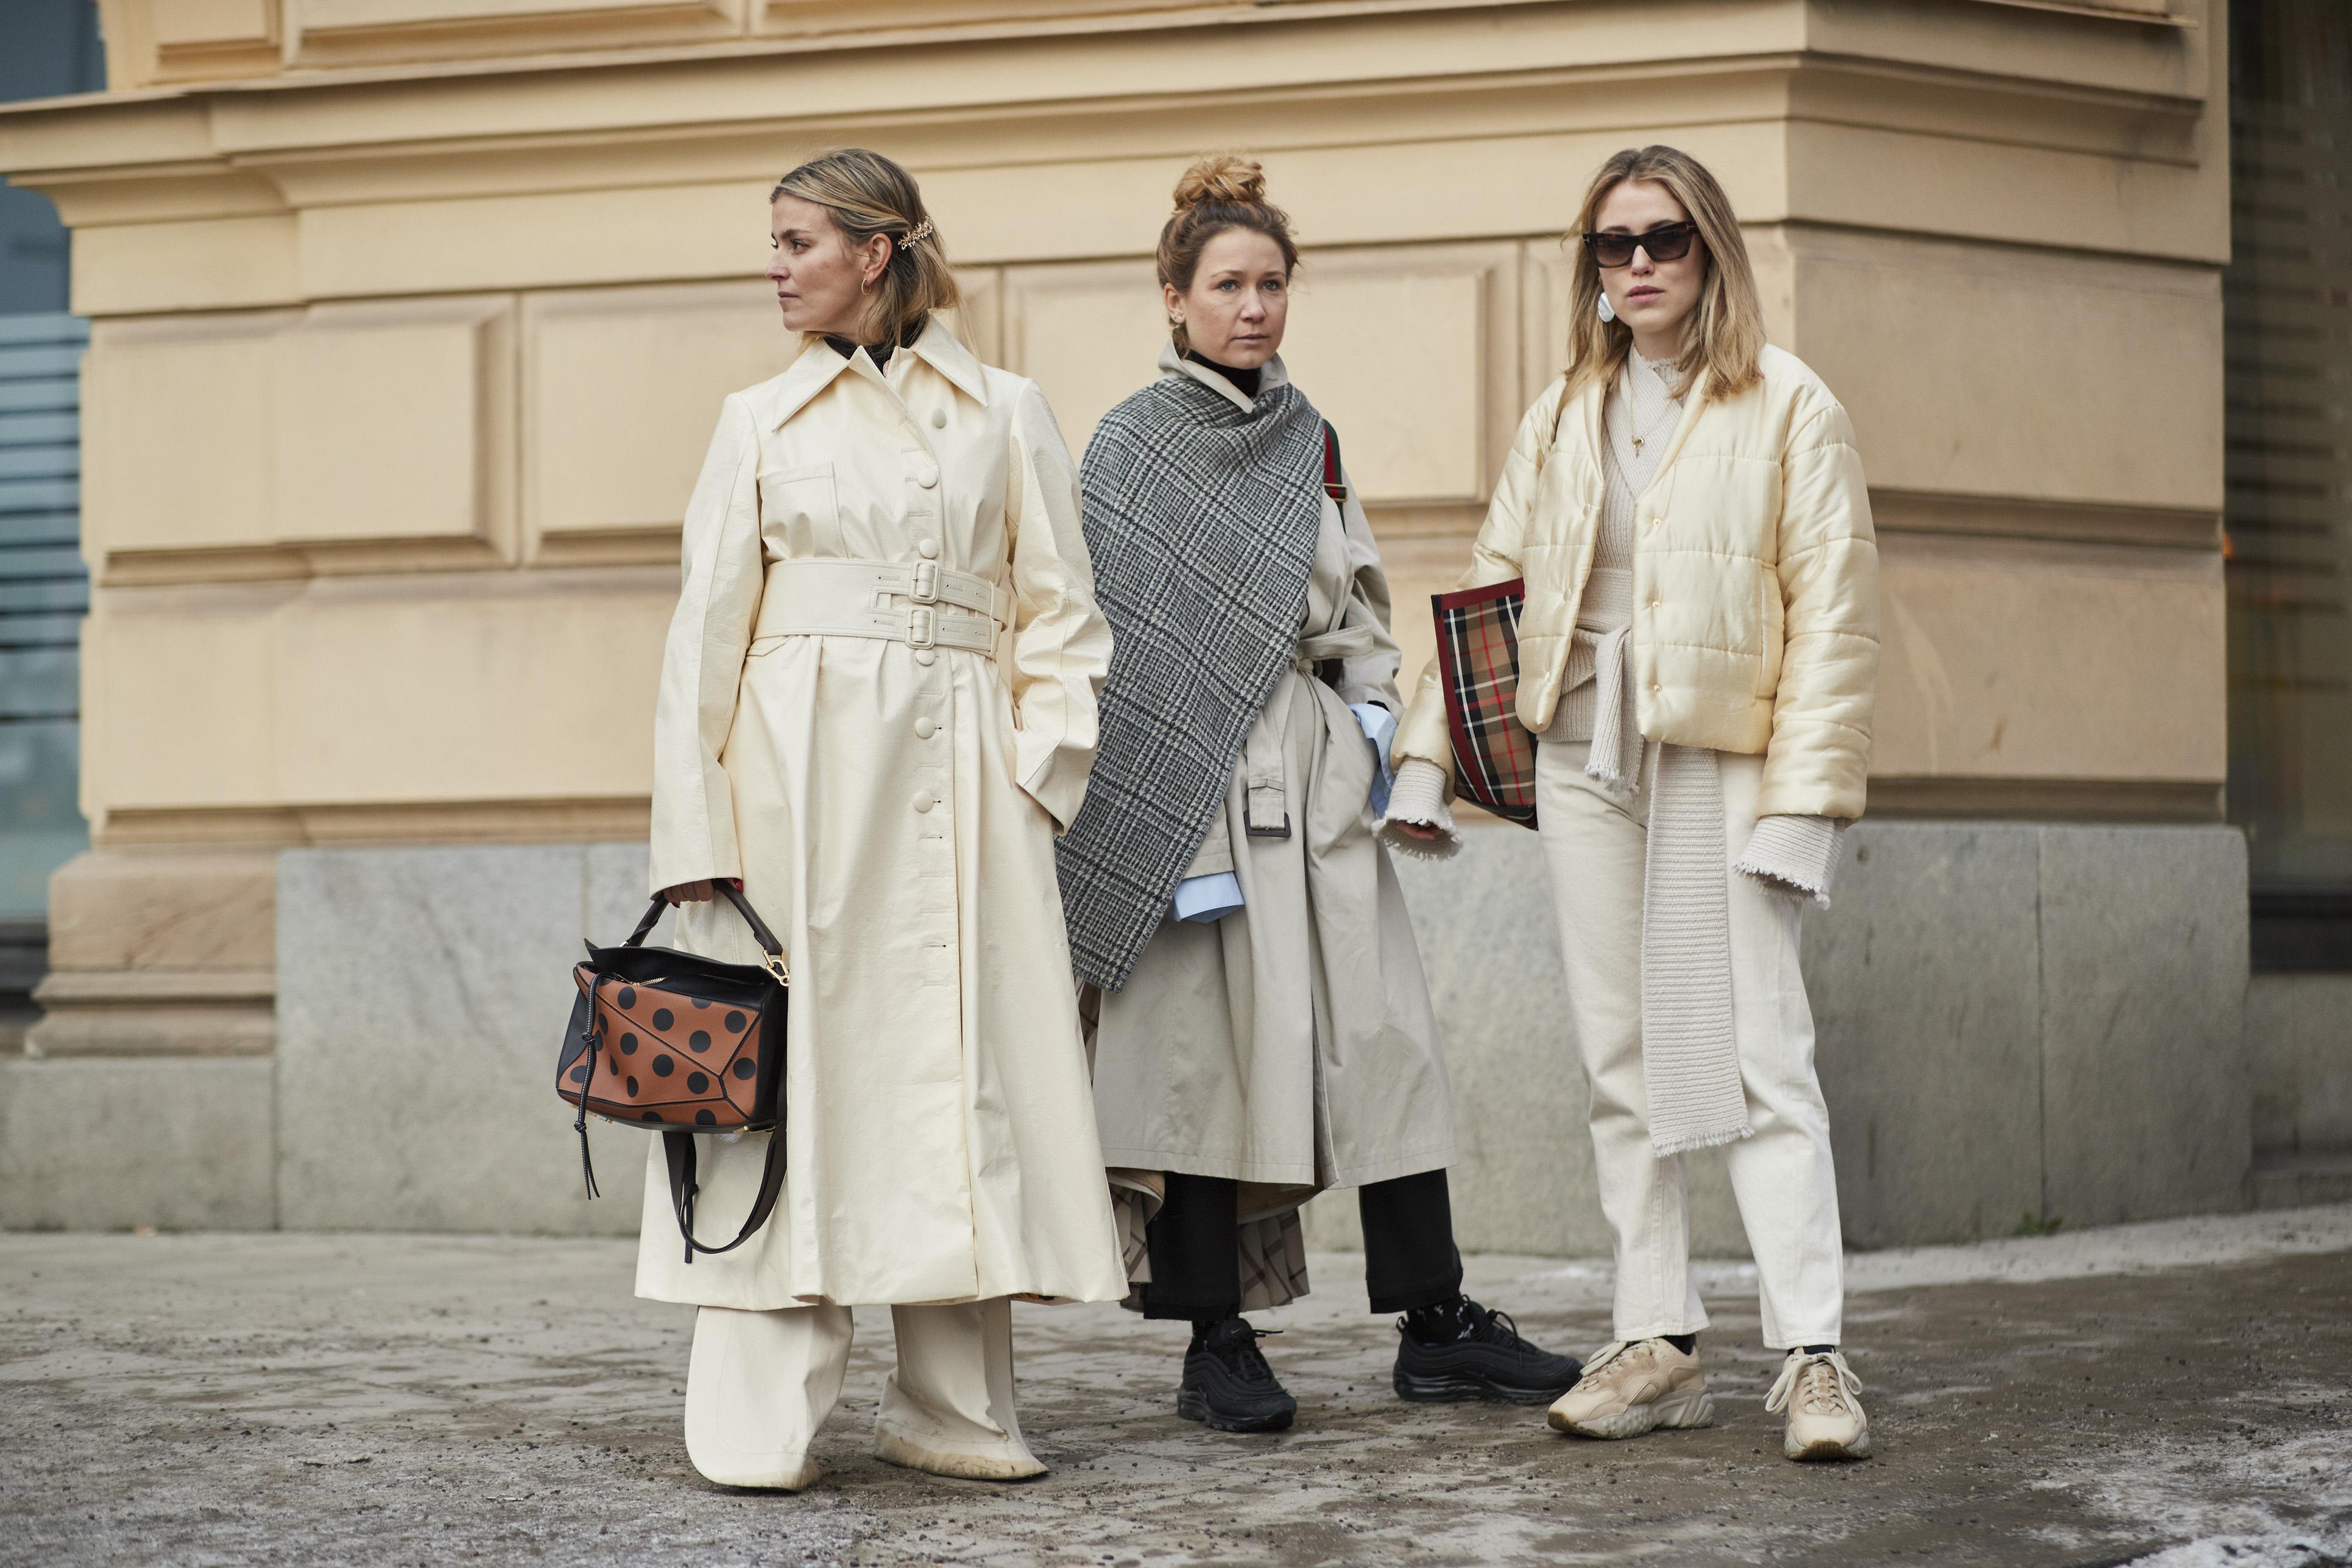 Modne ubrania z zimowych wyprzedaży, które będziemy nosić